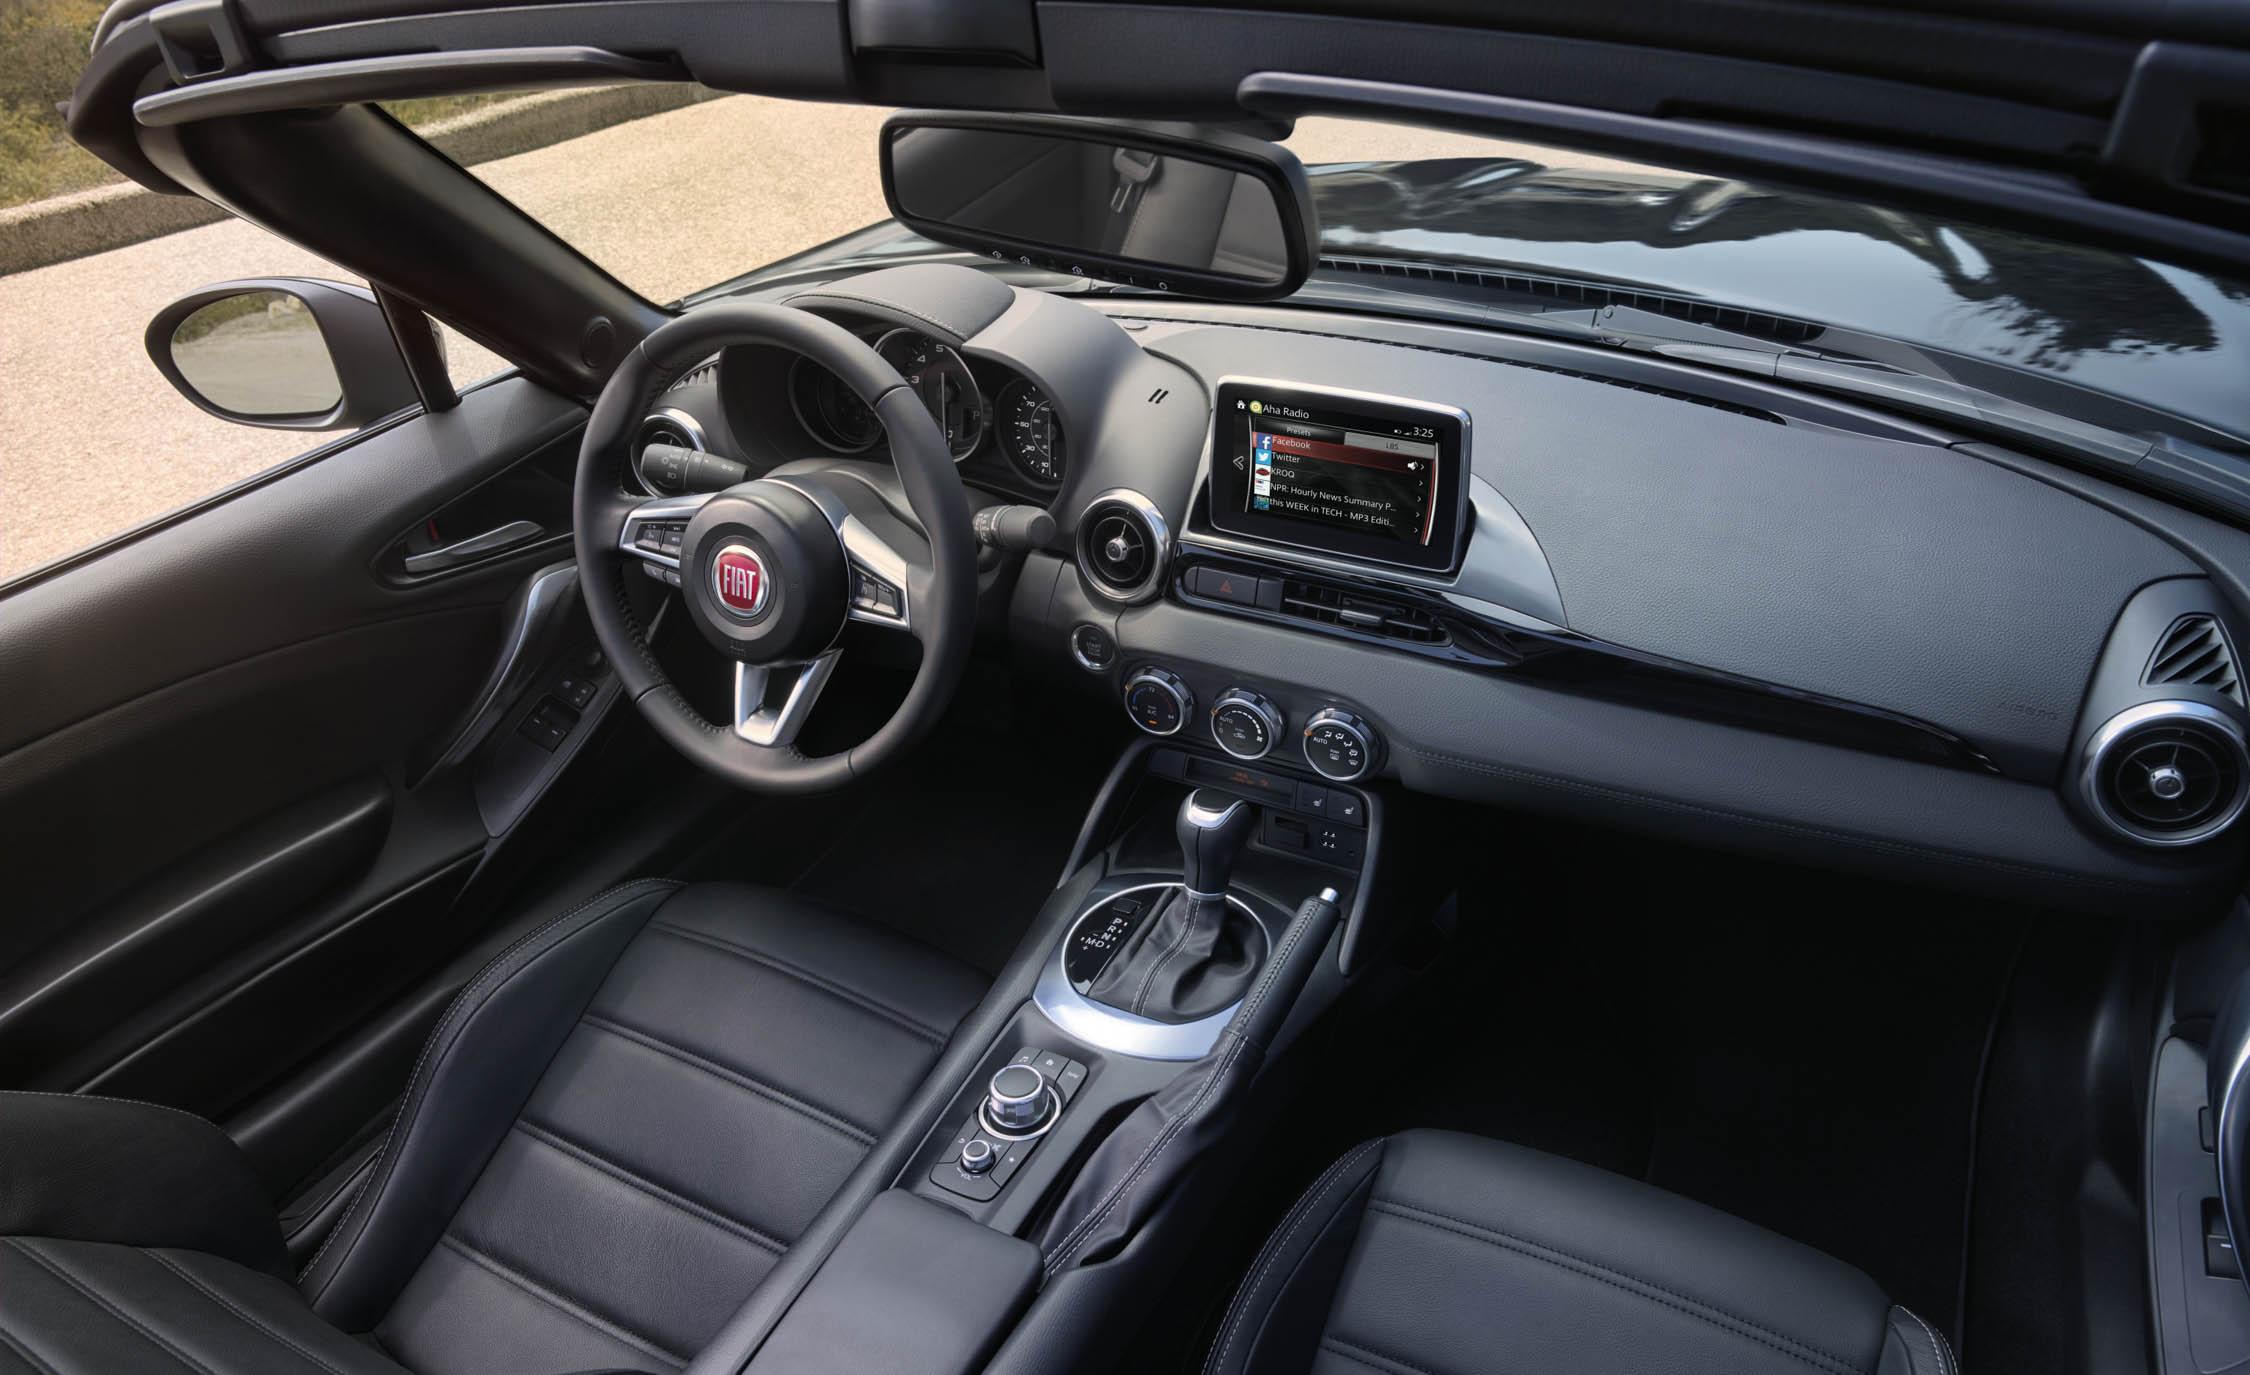 2017 Fiat 124 Spider Dashboard Interior (Photo 10 of 23)